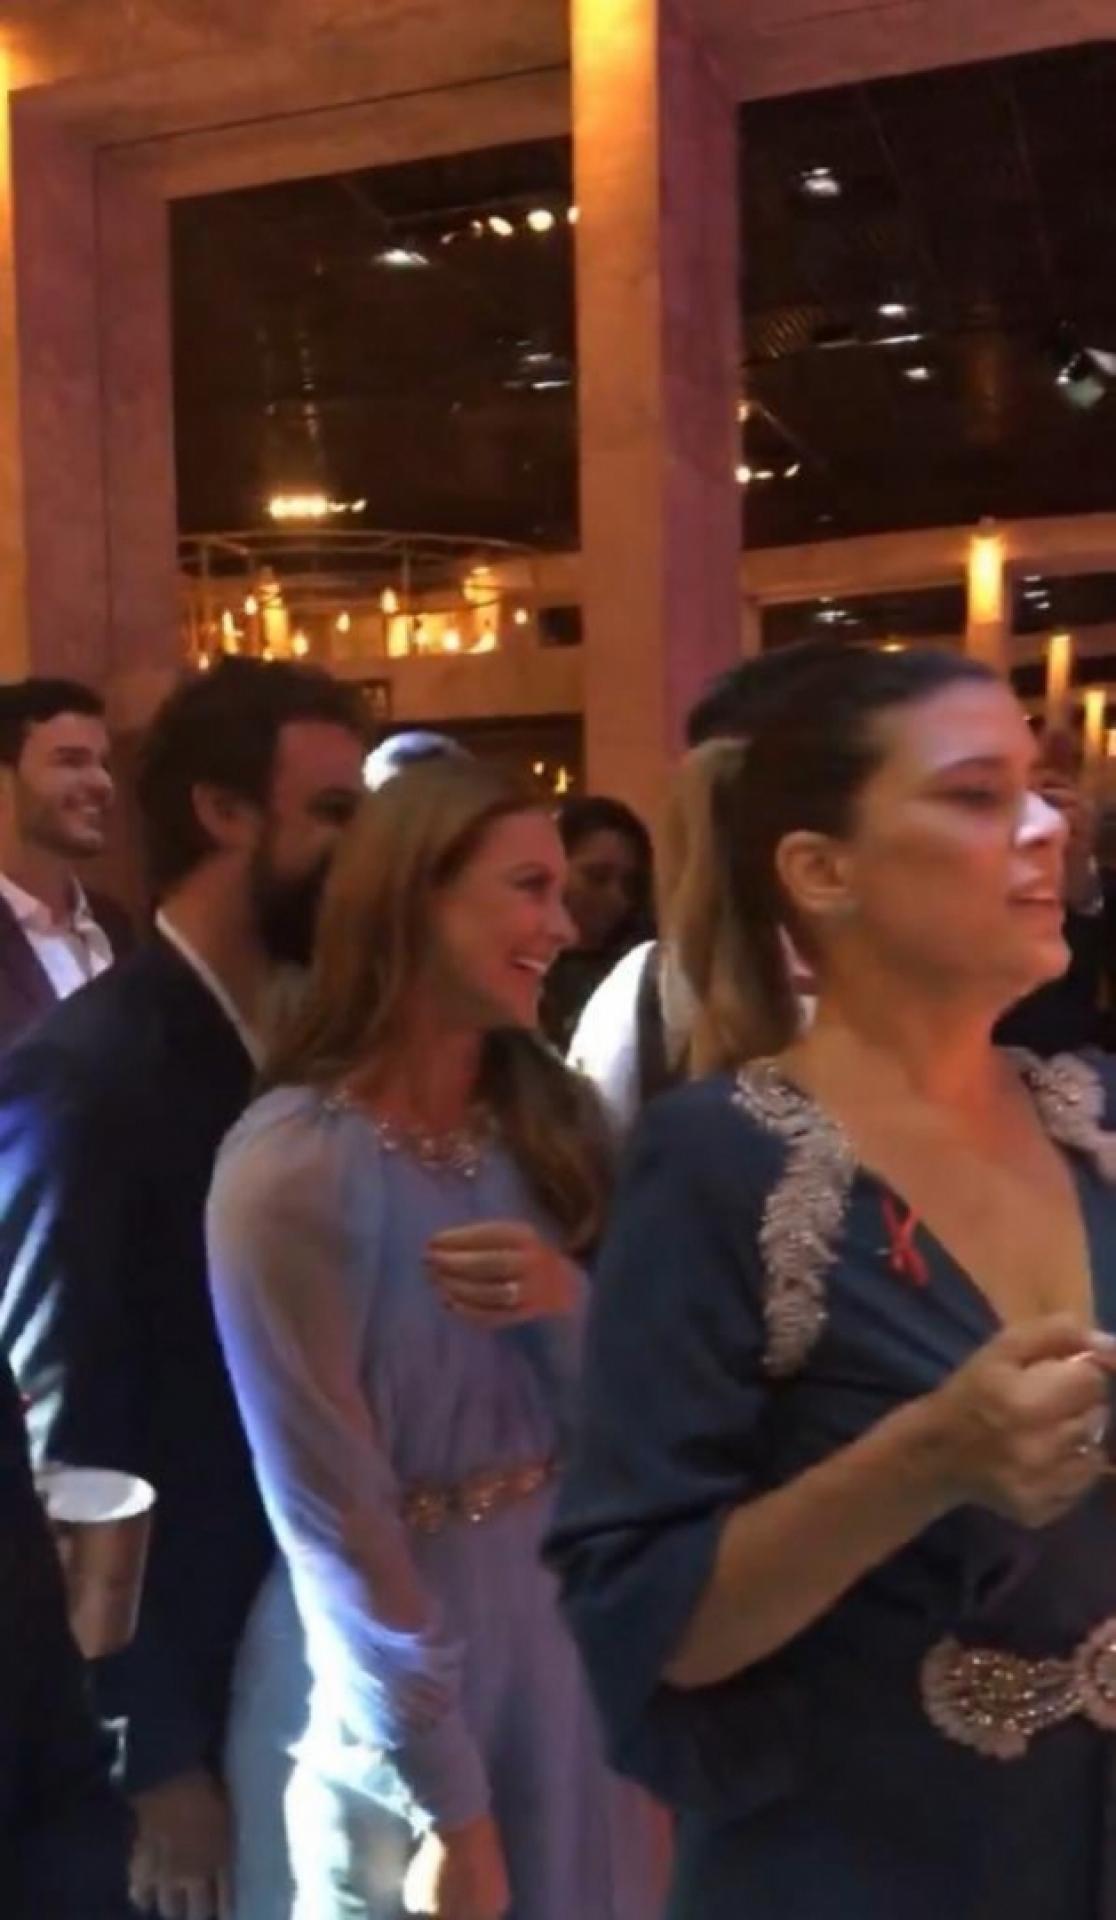 Paolla Oliveira curte festa com novo romance. Foto: Reprodução/O Dia